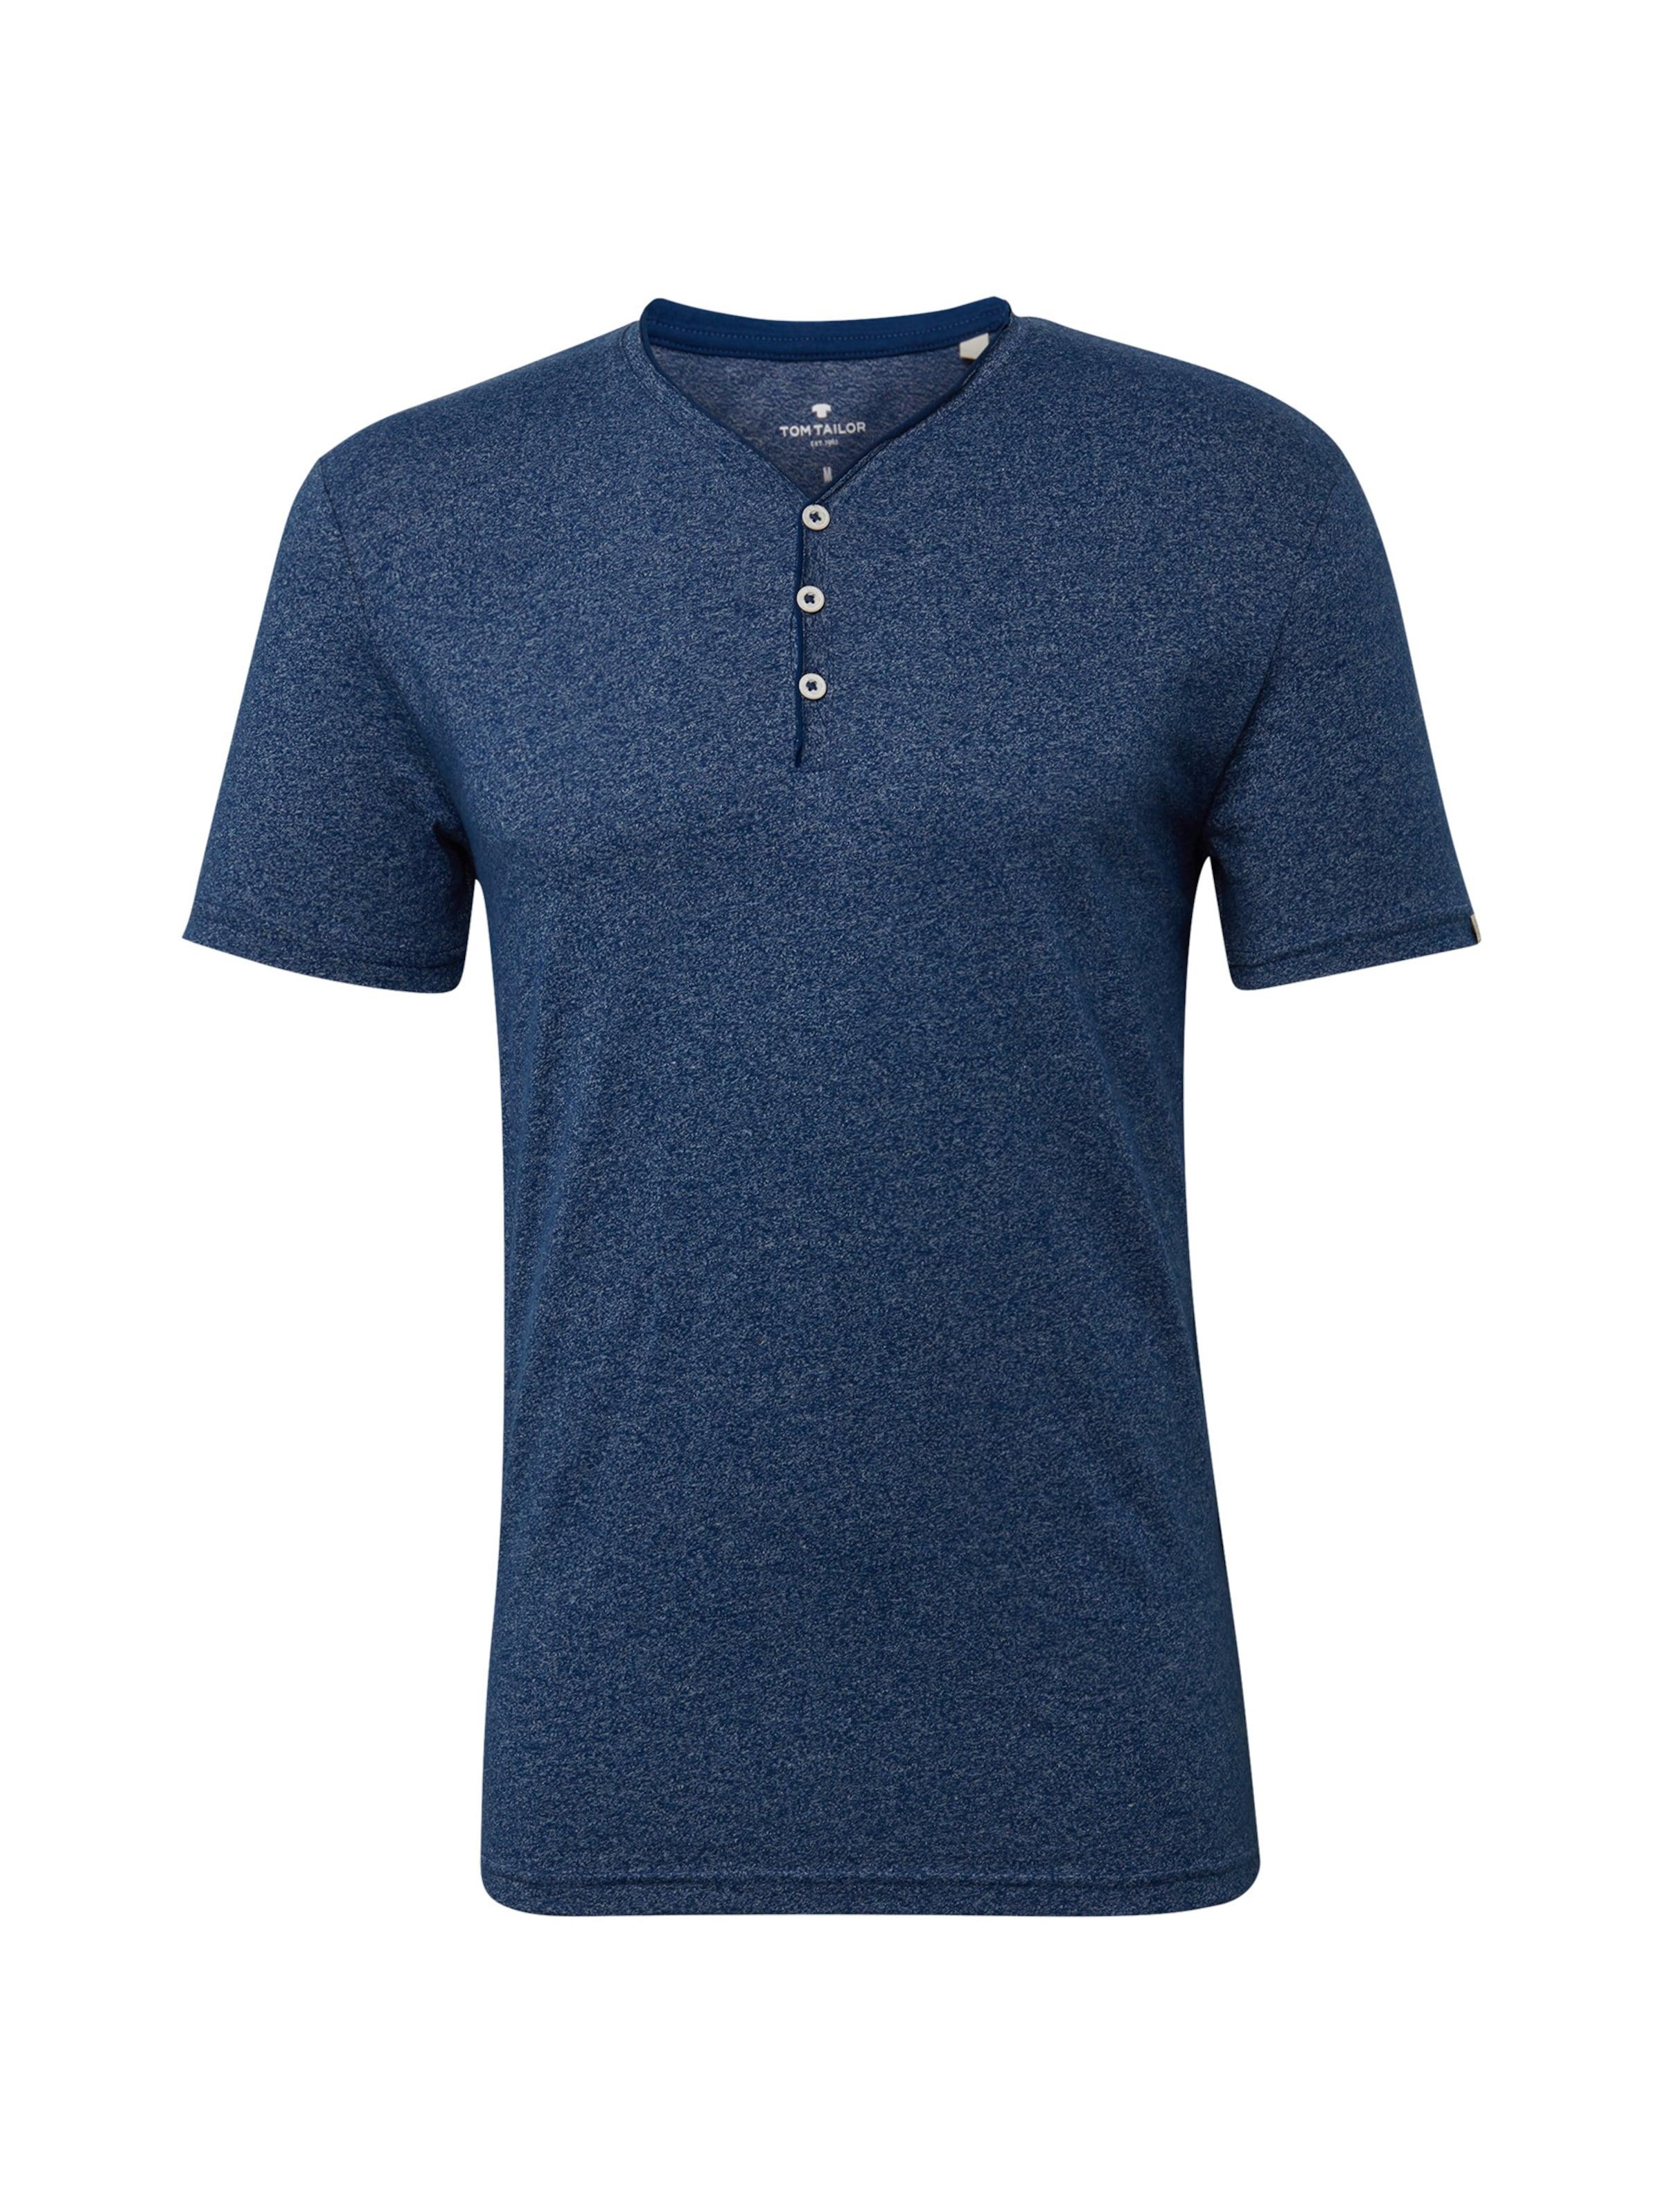 Tailor T shirt In Blau Tom KJcF1l